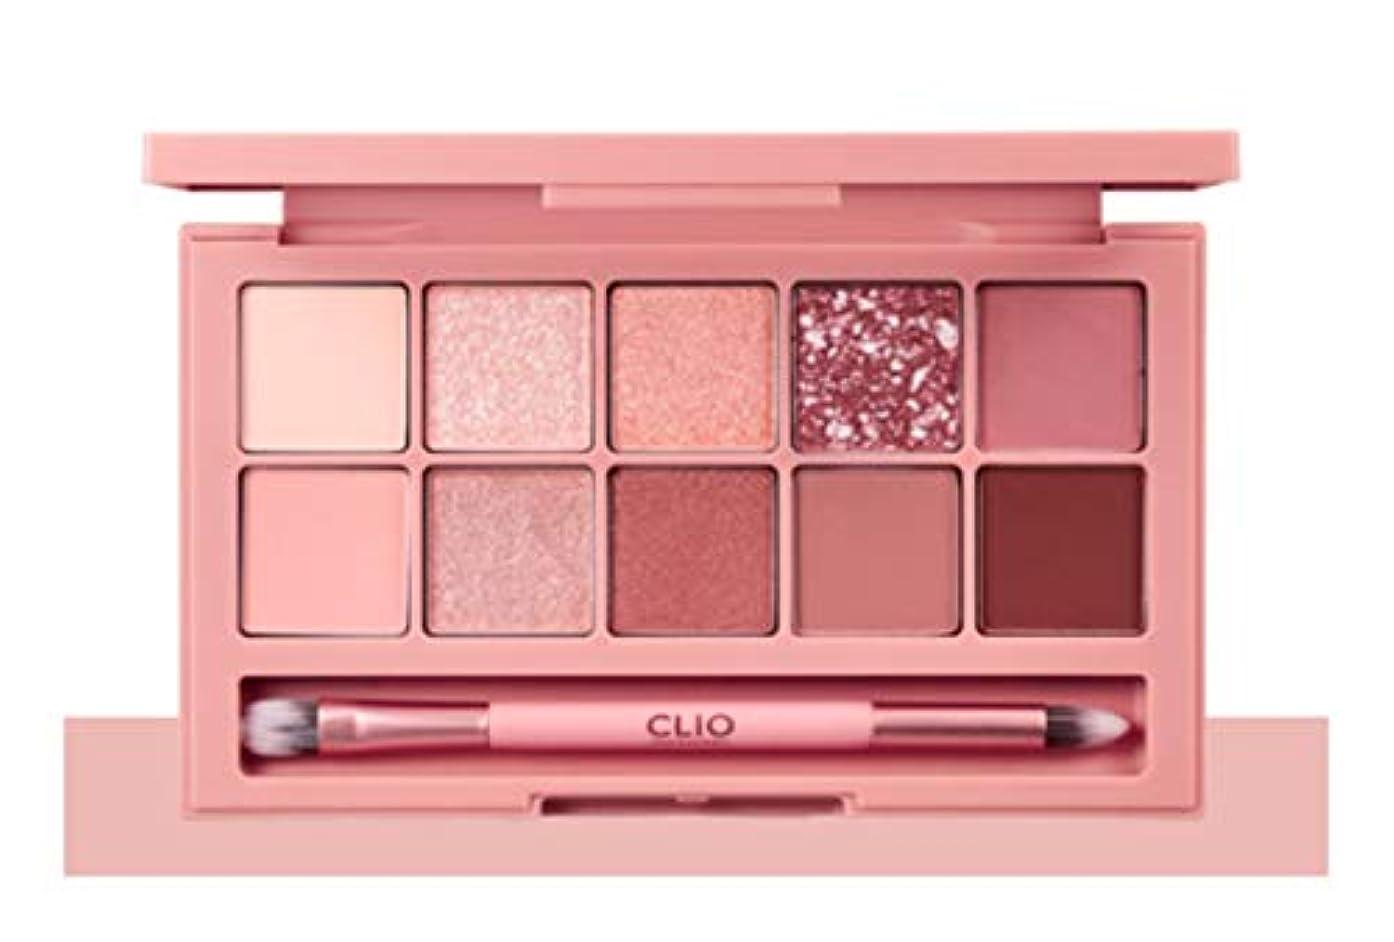 パニックメドレーロードハウスCLIO Pro Eye Palette Simply Pink(simple&classic)告発色、高密着、告知の中独歩的な高クオリティアイシャドウパレット10color(並行輸入品)